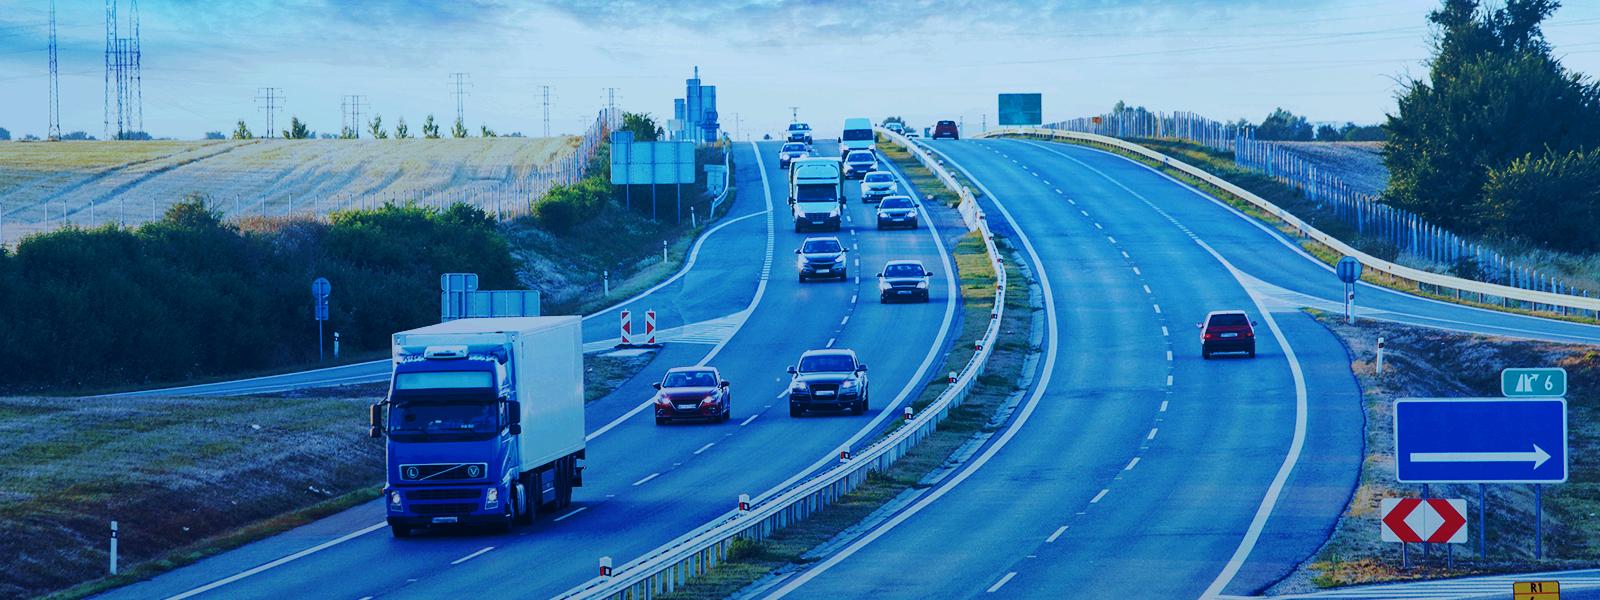 veja_6_dicas_para_pegar_a_estrada_com_segurança